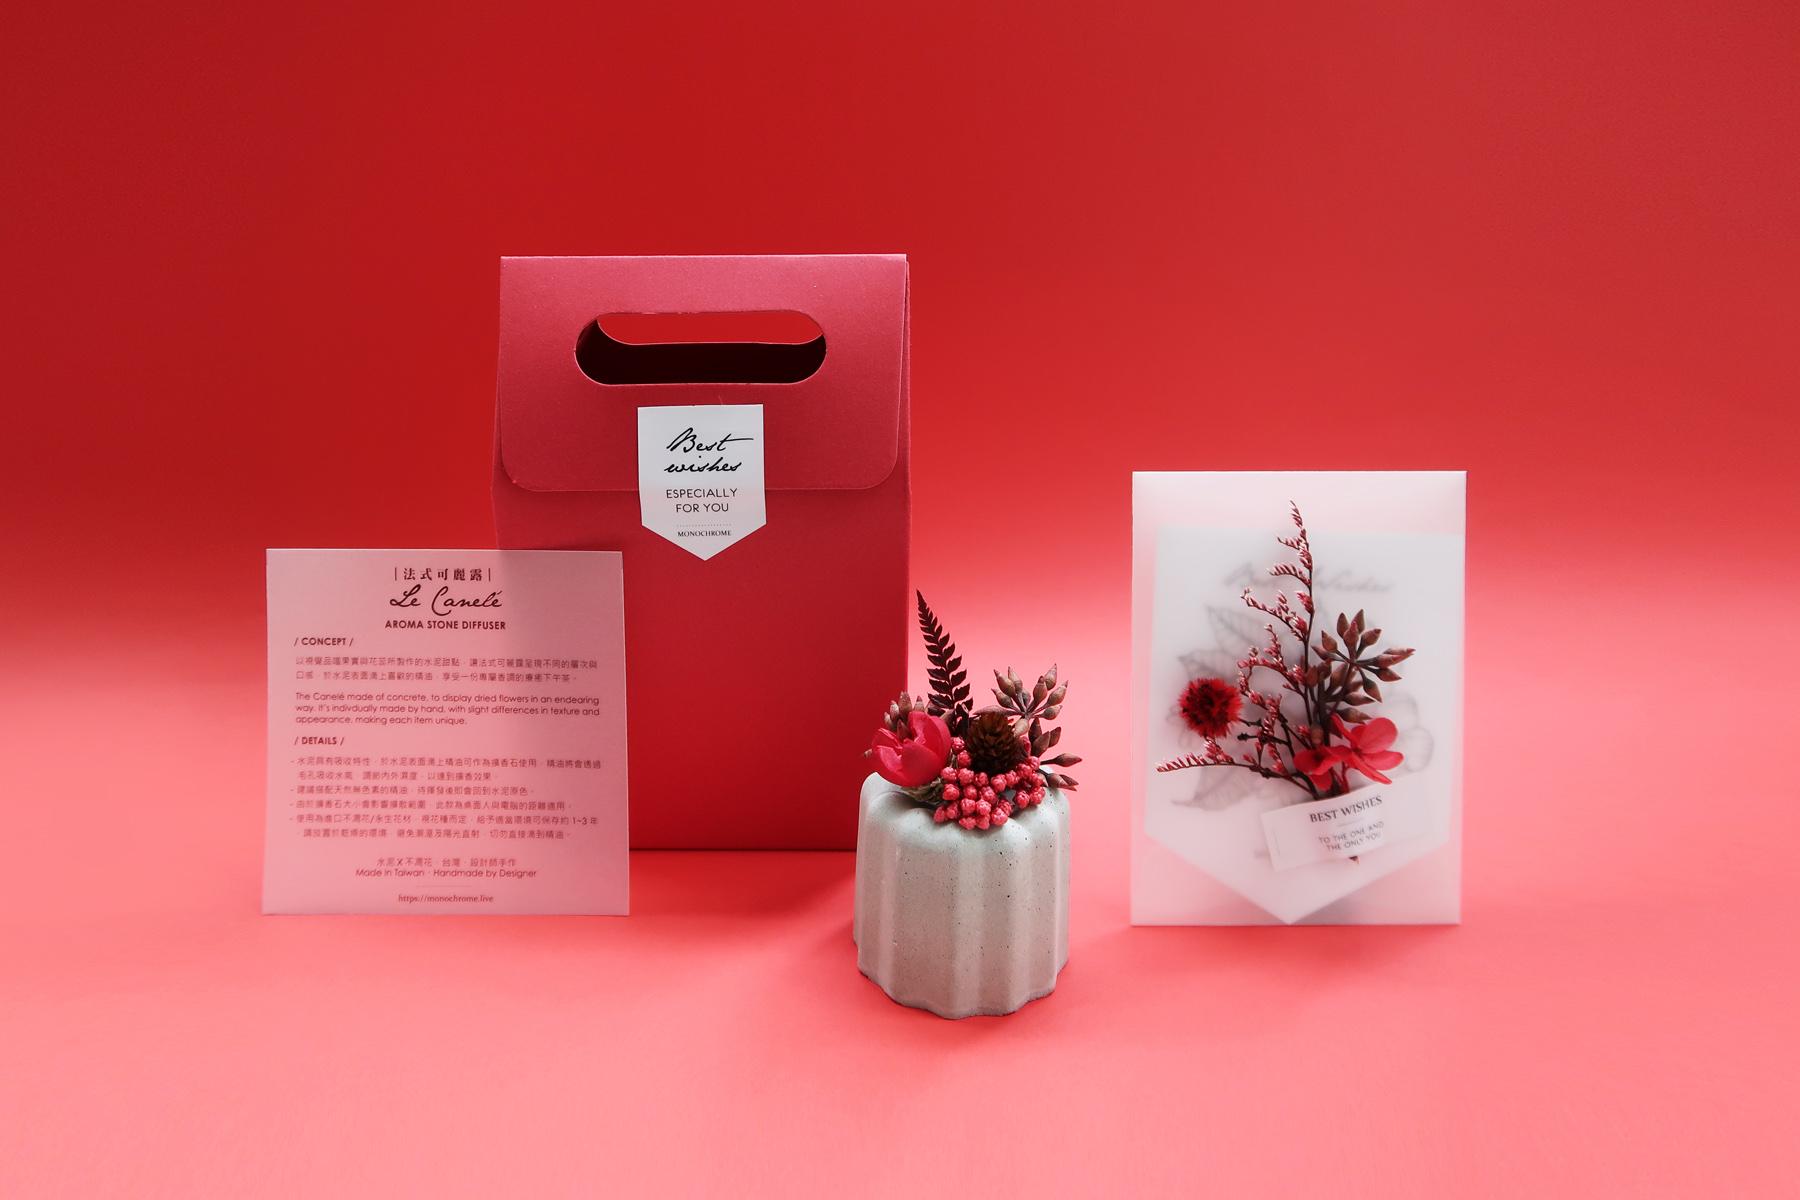 CANELÉ 法式可麗露 / 血腥瑪麗・乾燥不凋花水泥甜點擴香石禮盒